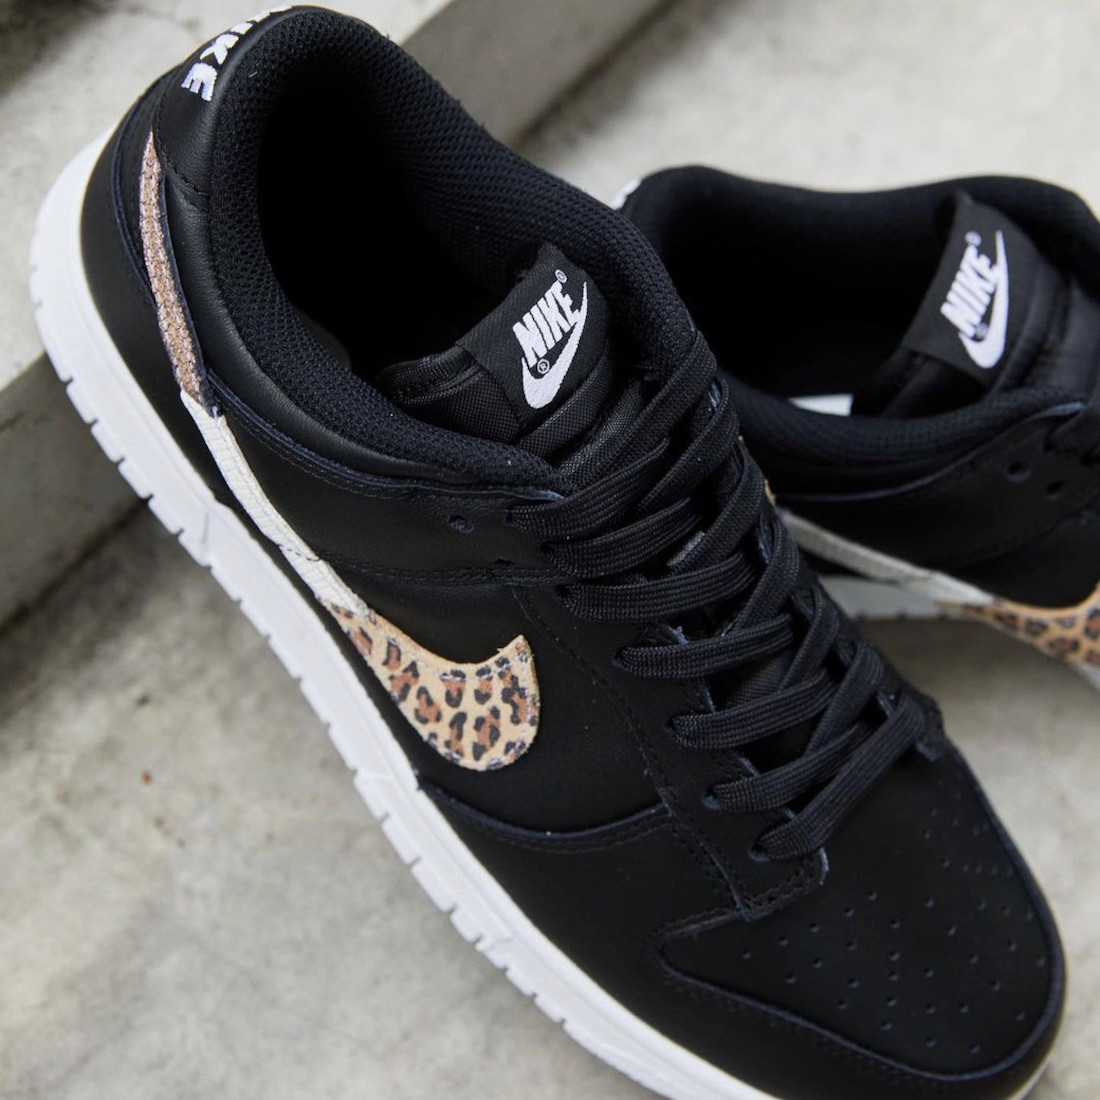 Nike Dunk Low Leopard DD7099-001 Release Date Info